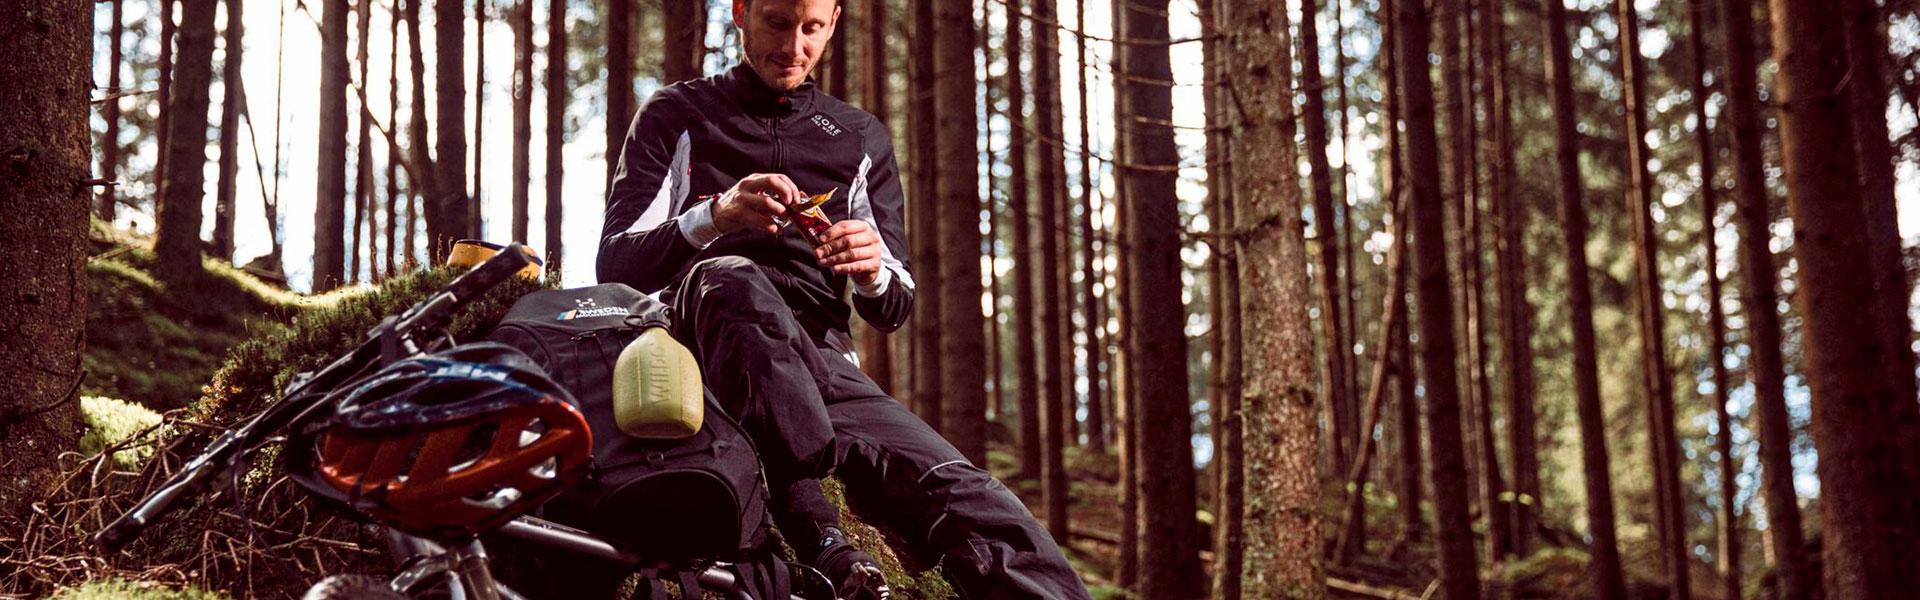 sykkeltur i skogen